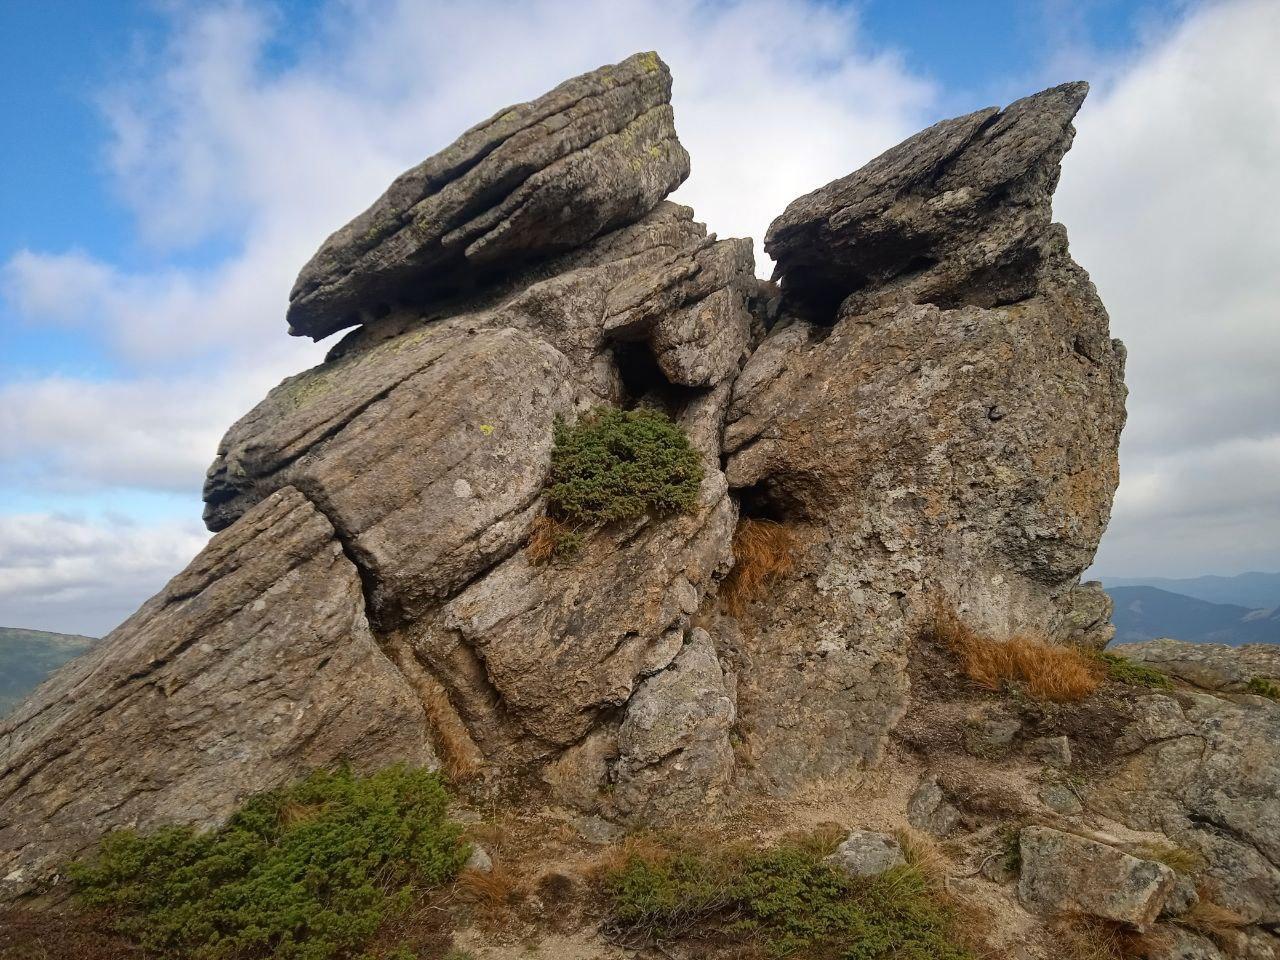 Хроніки еко-табору під Вухатим Каменем – як волонтери прибирали сміття в горах